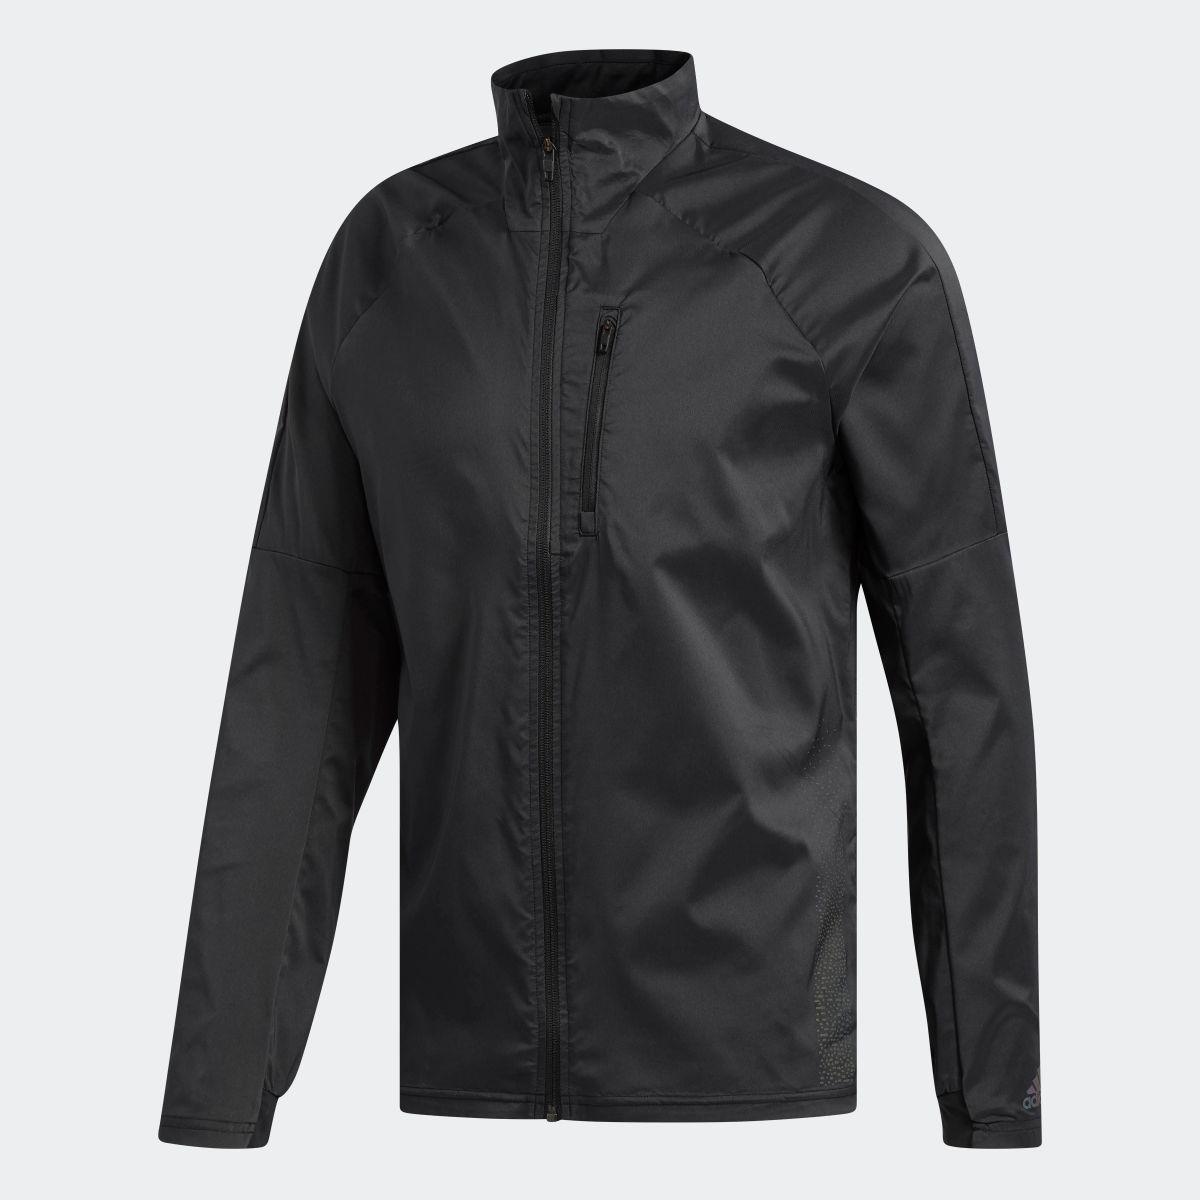 【公式】アディダス adidas Snova コンフィデント3SジャケットM メンズ D73188 ランニング ウェア ポリエステル ドビー